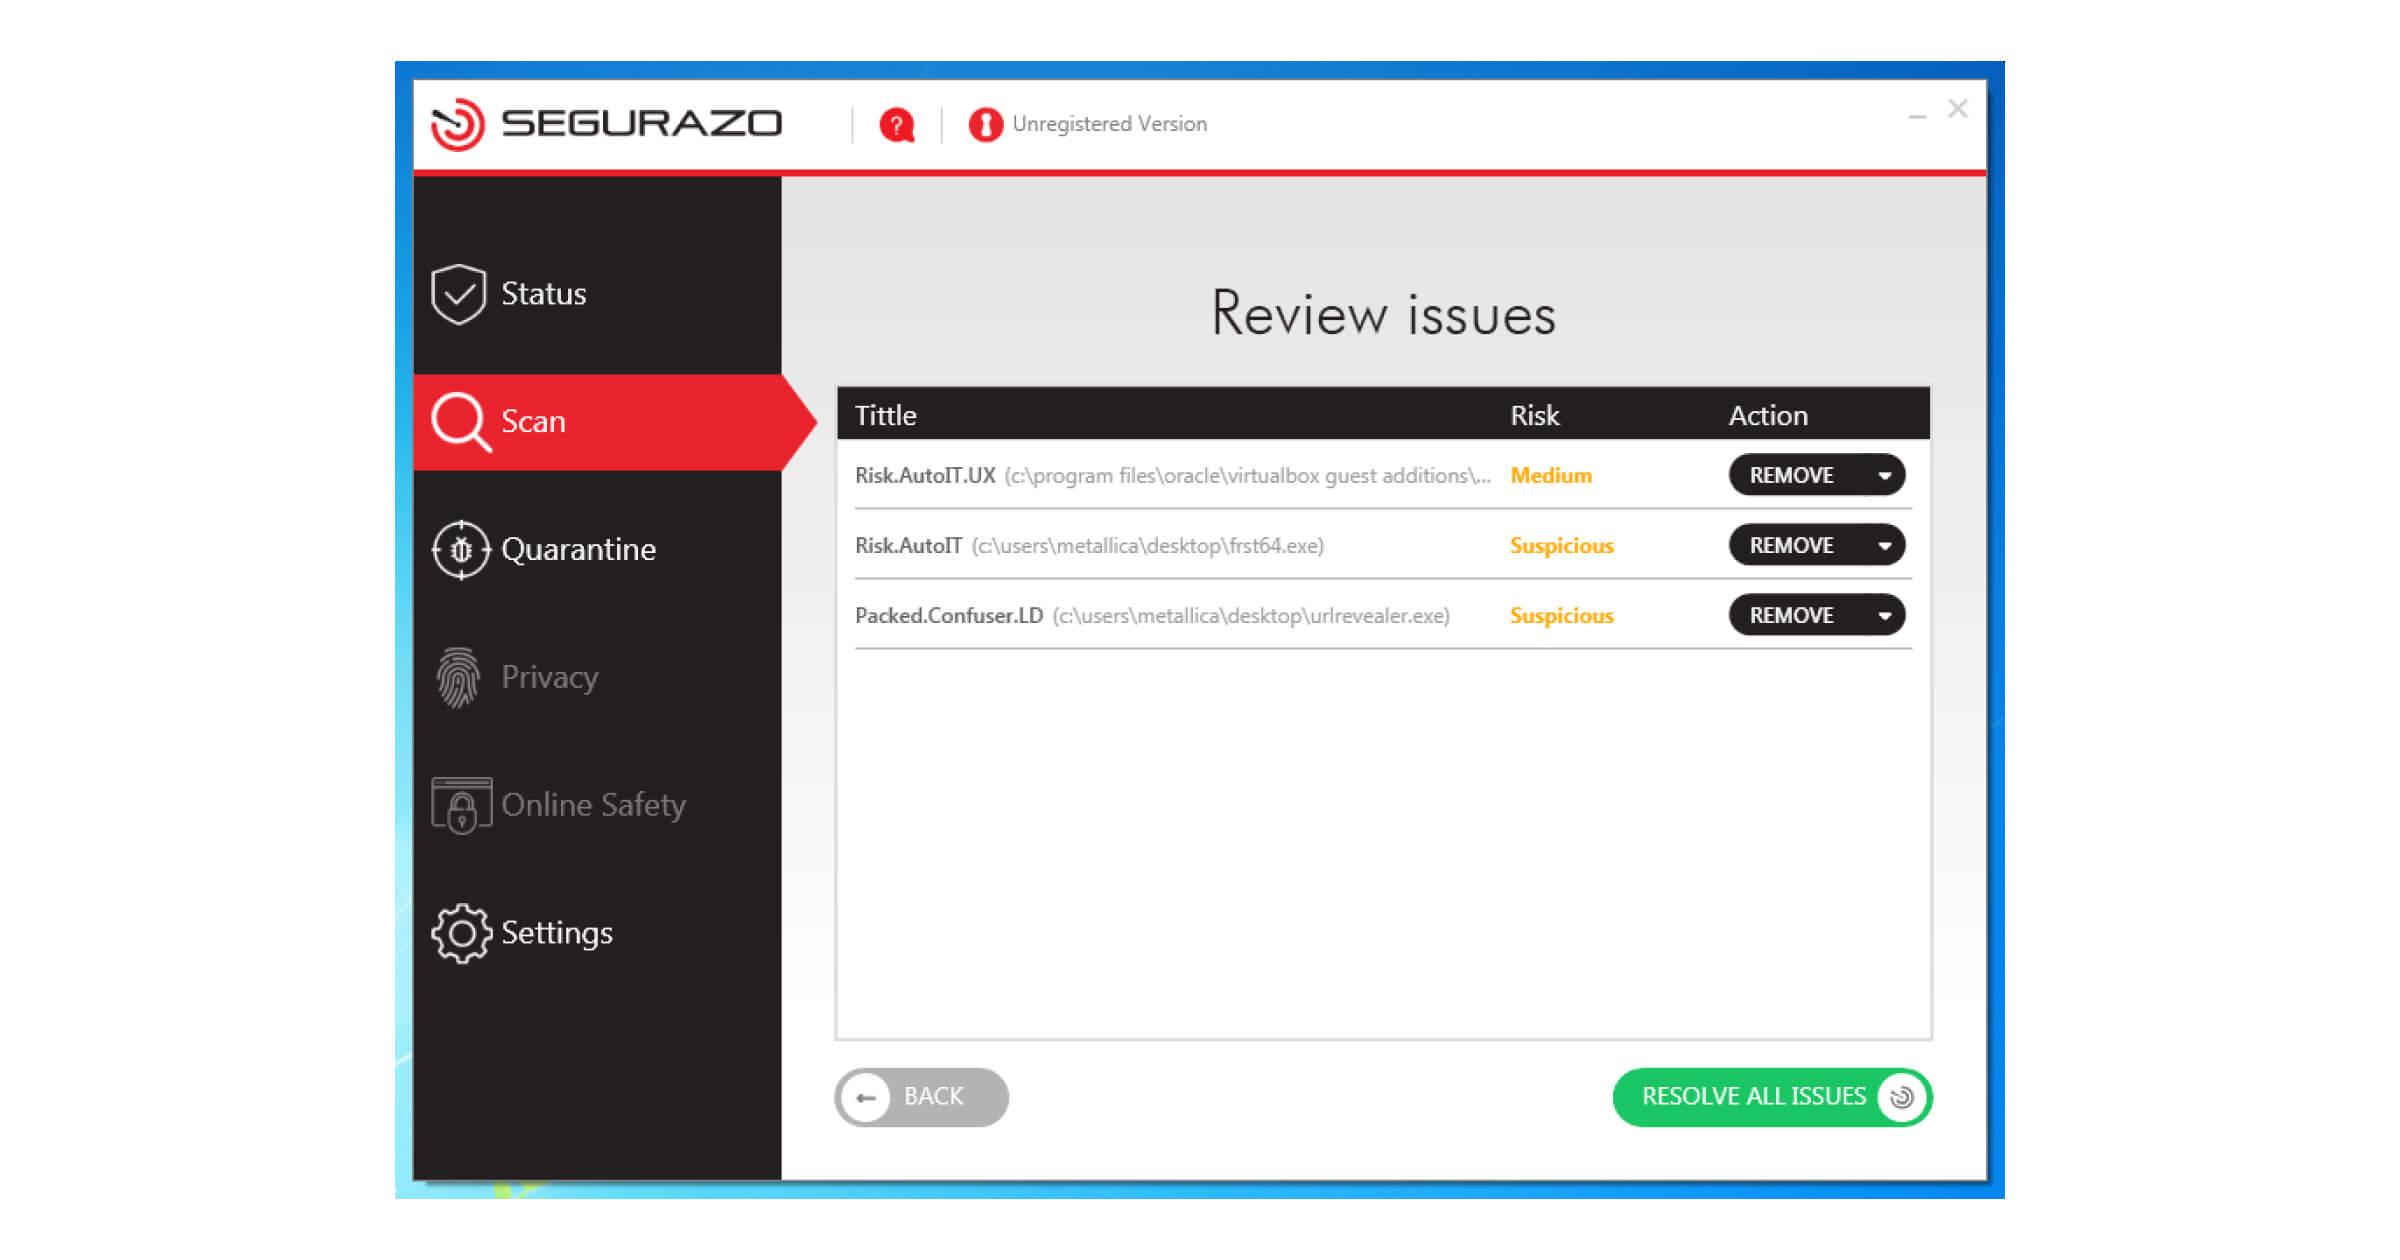 Das Interface von Segurazo Antivirus sieht täuschend echt aus